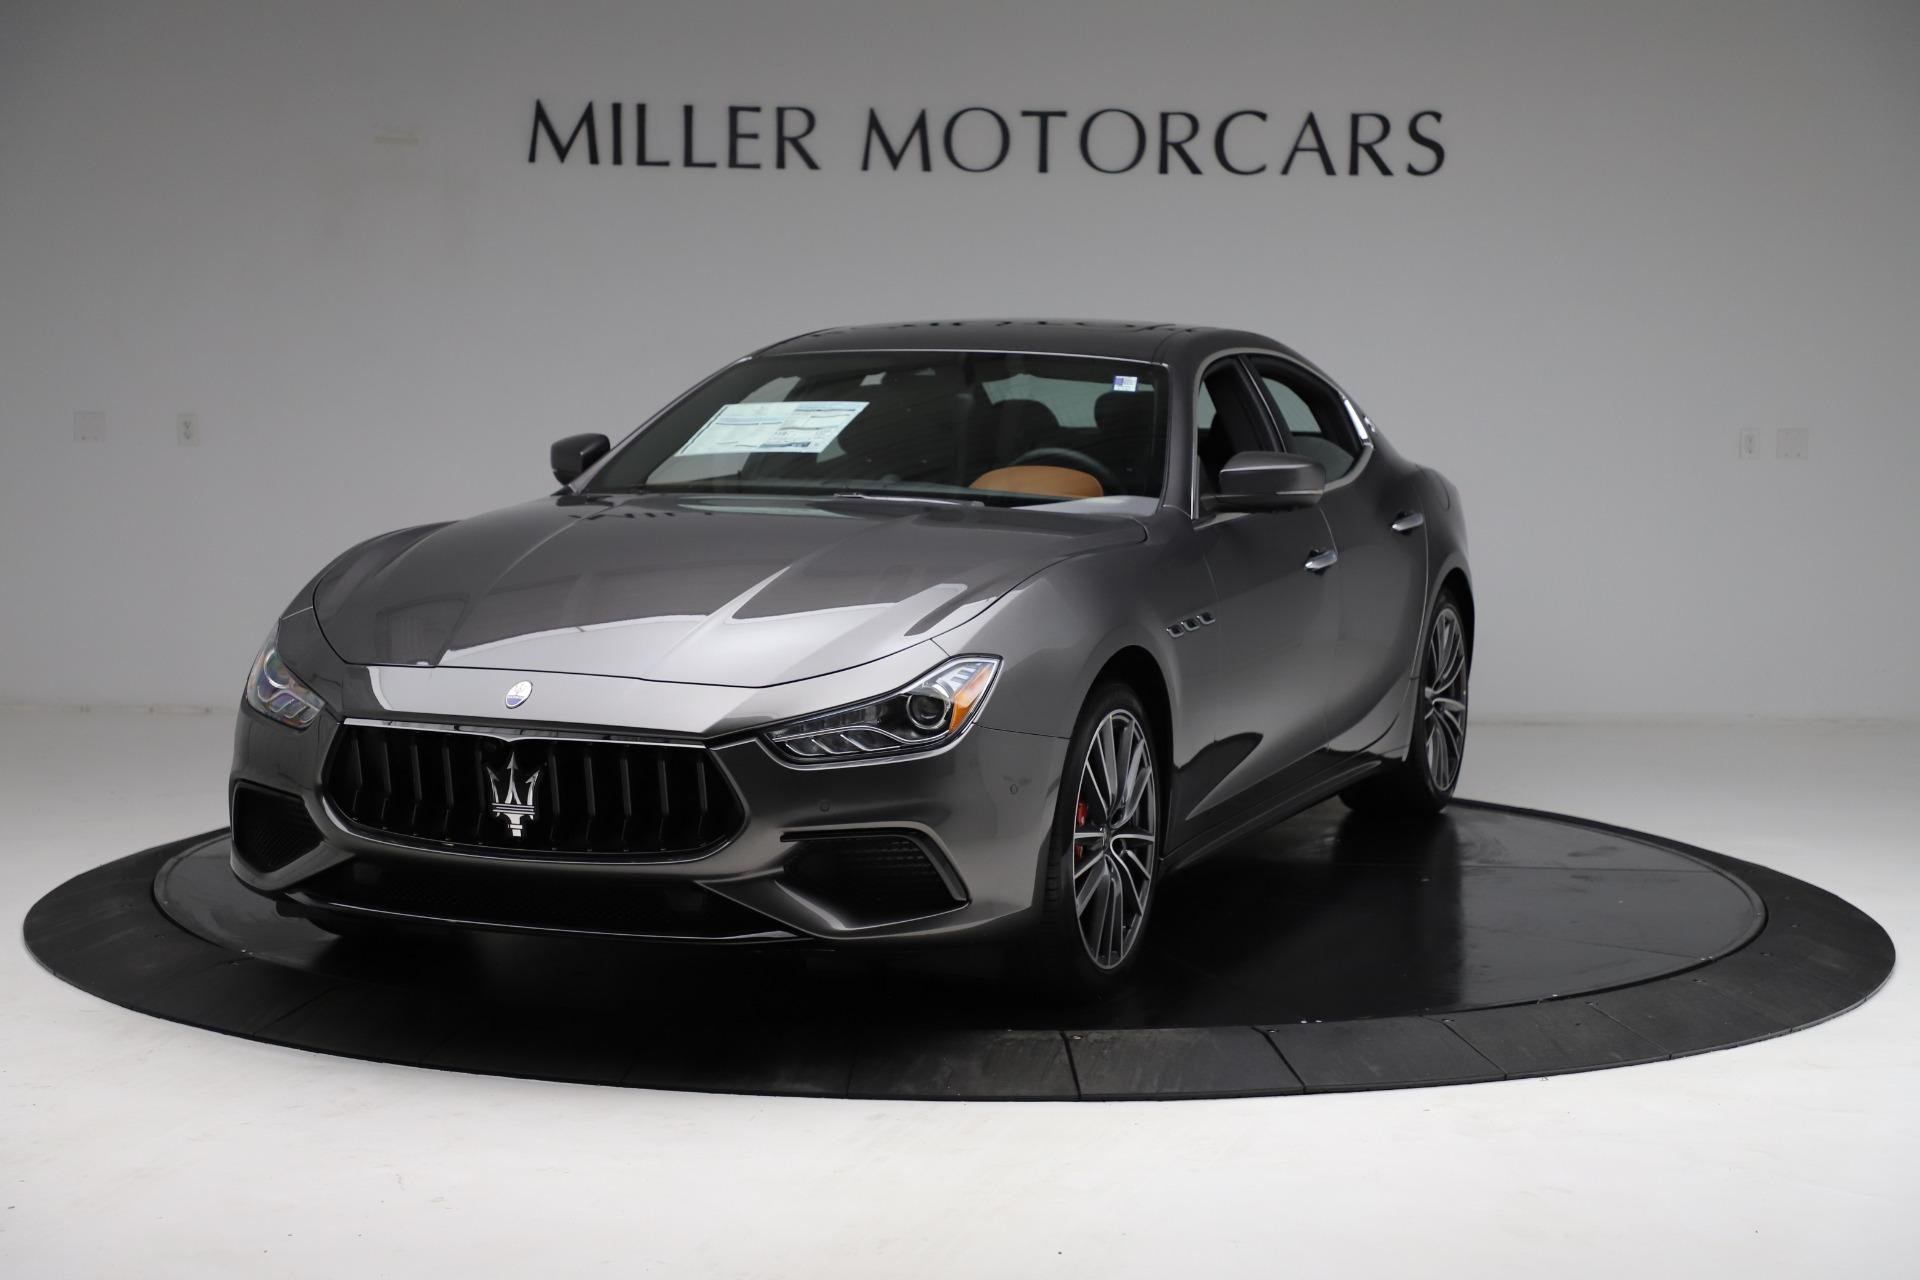 New 2021 Maserati Ghibli S Q4 for sale $90,525 at Maserati of Westport in Westport CT 06880 1